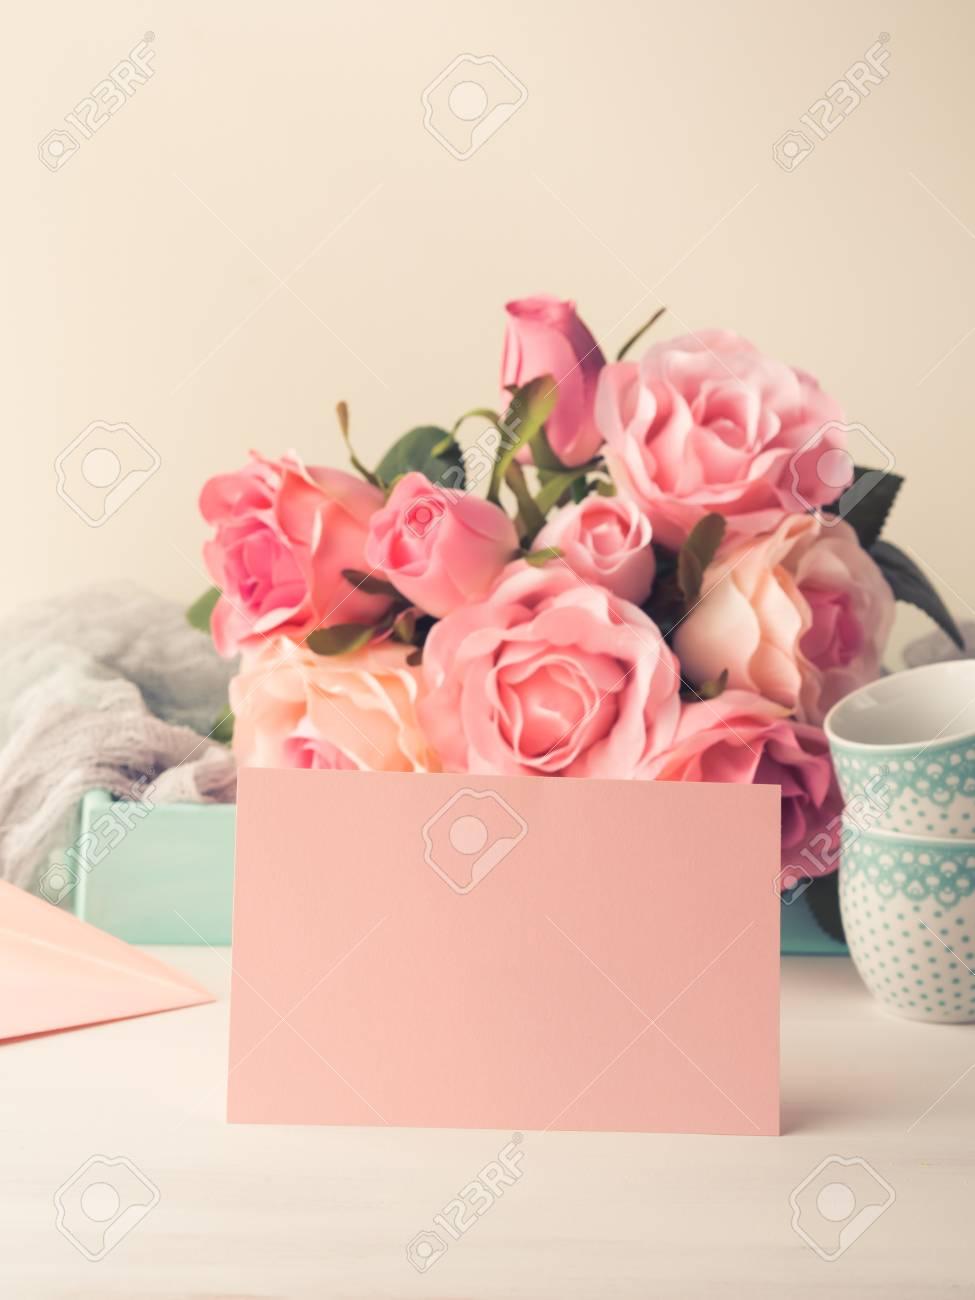 Tarjeta De Papel Rosa En Blanco Para El Día De San Valentín O Madre De La Mujer Invitación Romántica De La Fecha Del Cumpleaños Del Bebé De La Boda